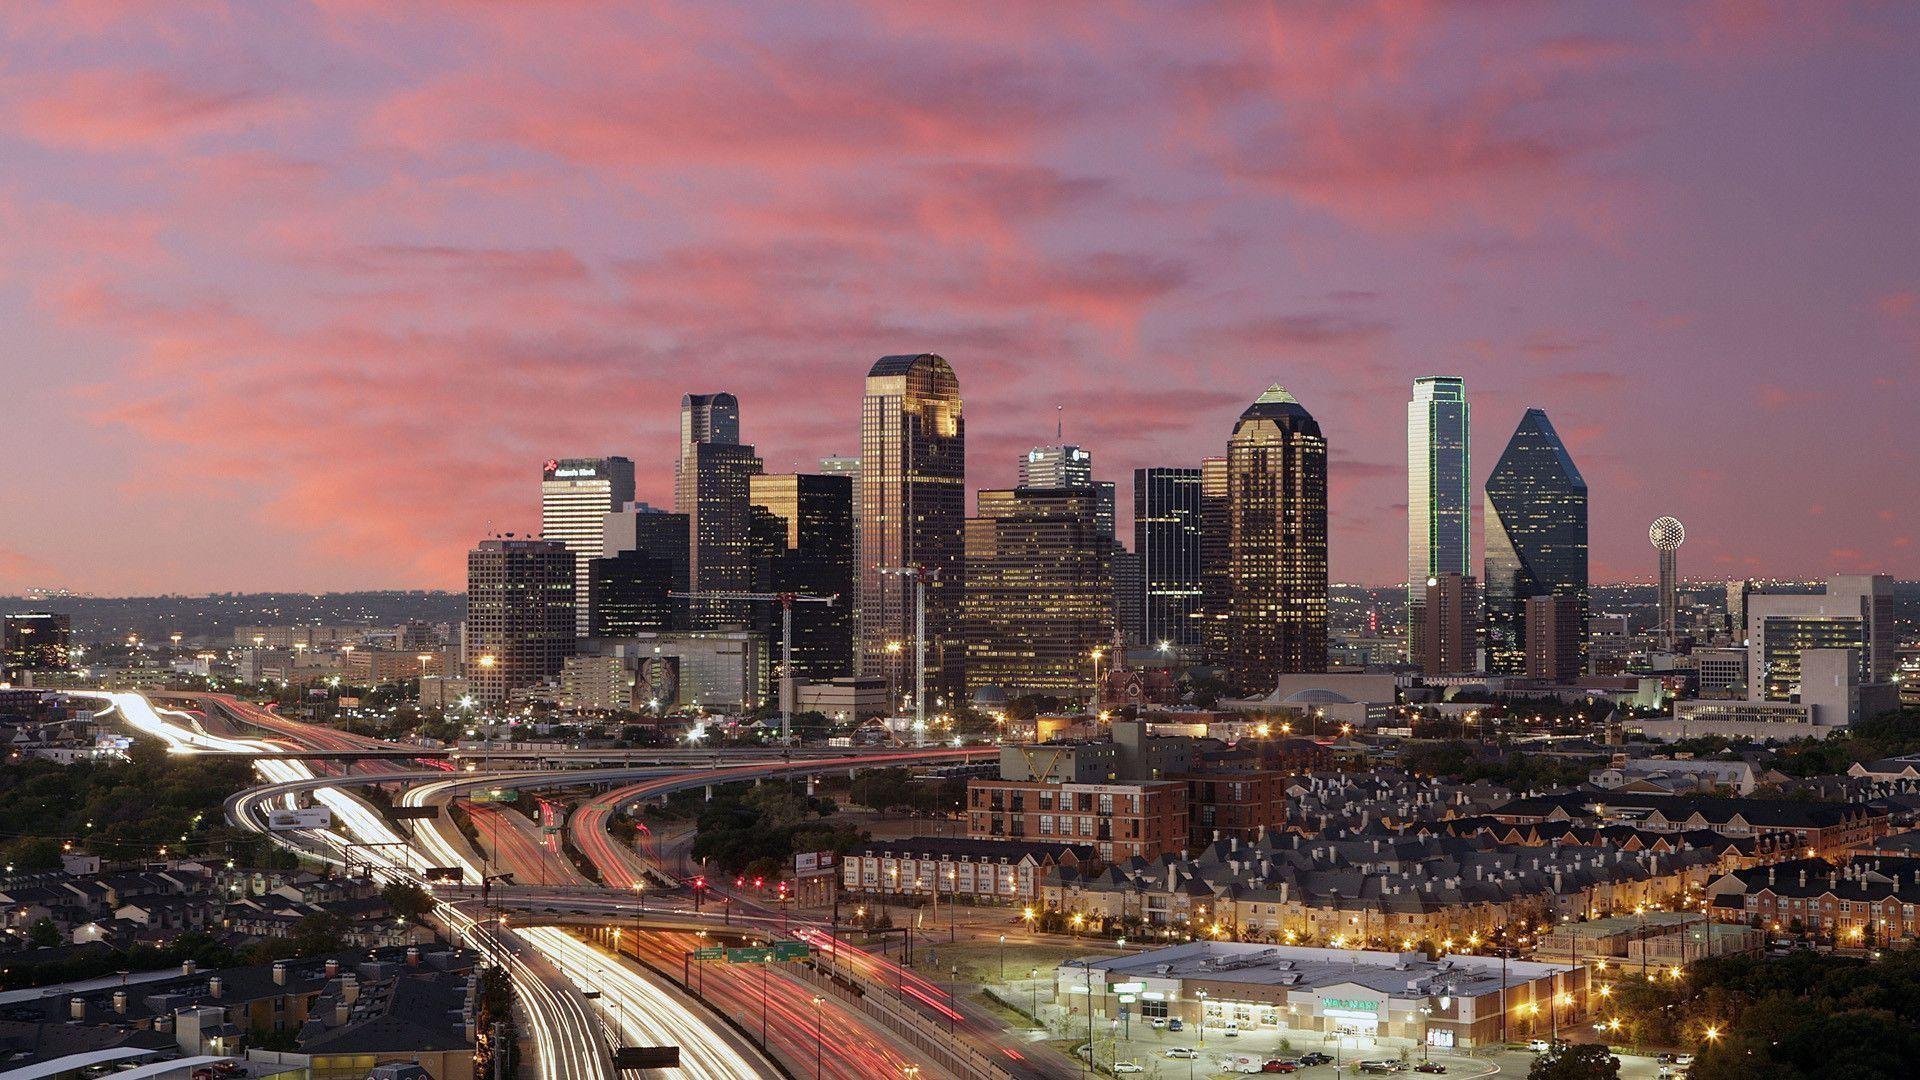 1920x1080, Better Skyline Houston Or Dallas - Dallas Texas - HD Wallpaper